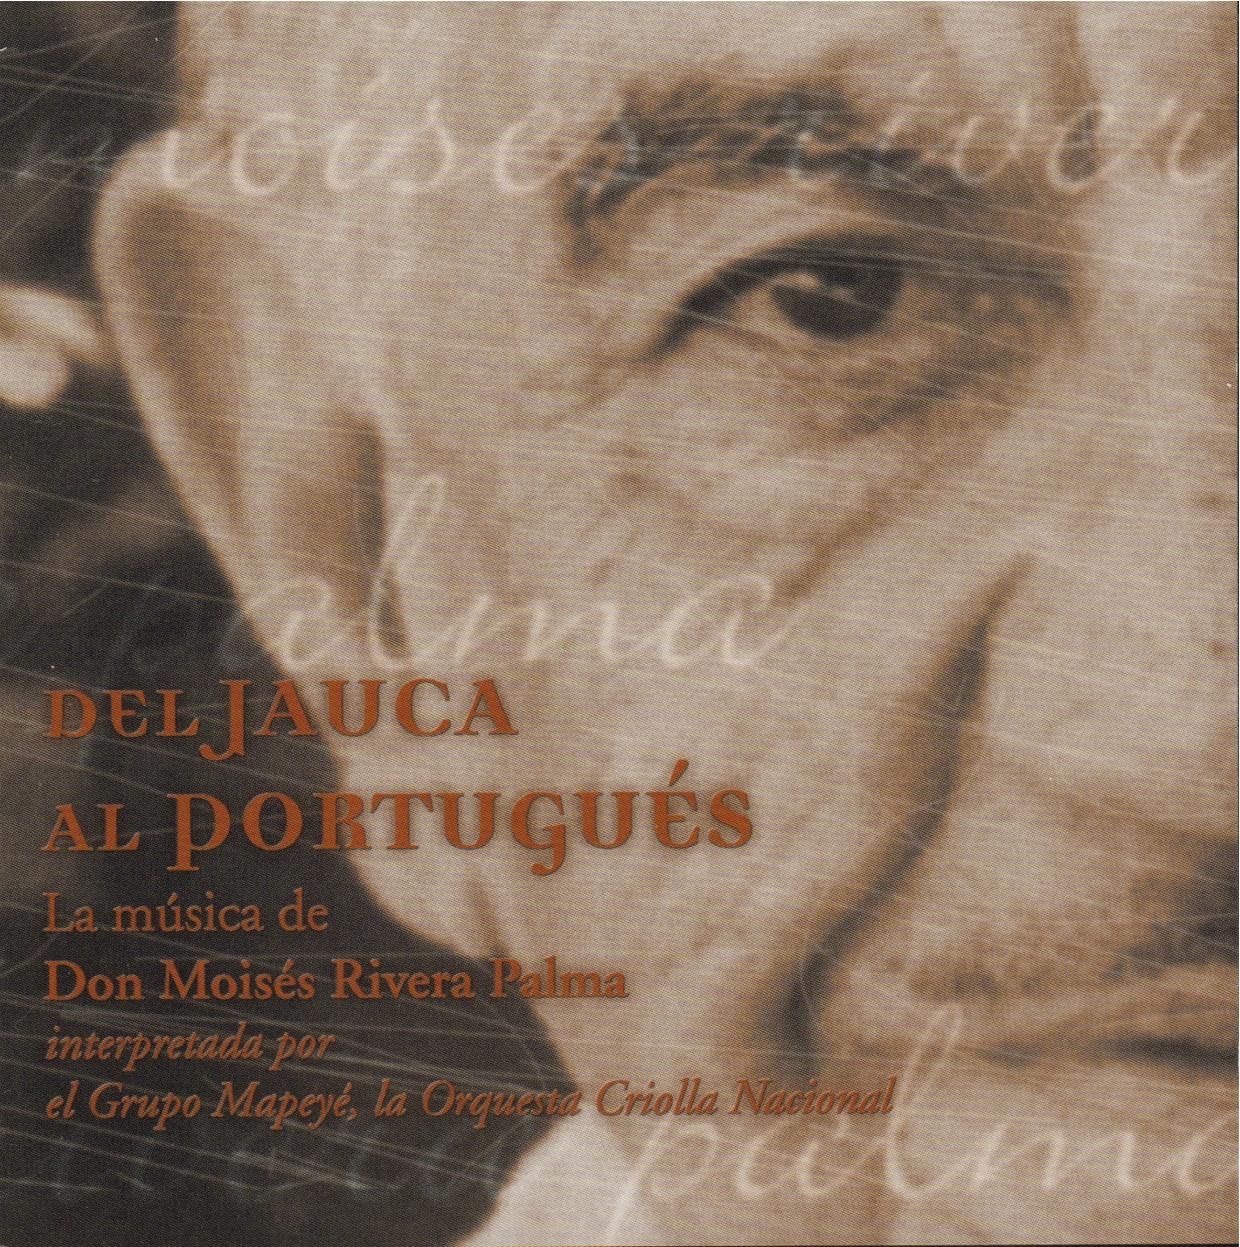 Preámbulo - Josilda Acosta Figueras( páginas 23 - 30 )ICP/SCA: Del Jauca al Portugués - La Música de Don Moisés Rivera Palma interpretada por el Grupo Mapeye, La Orquesta Criolla Nacional. MAPE-014.Subvenciones, colaboraciones y auspicios del ICP, 2002